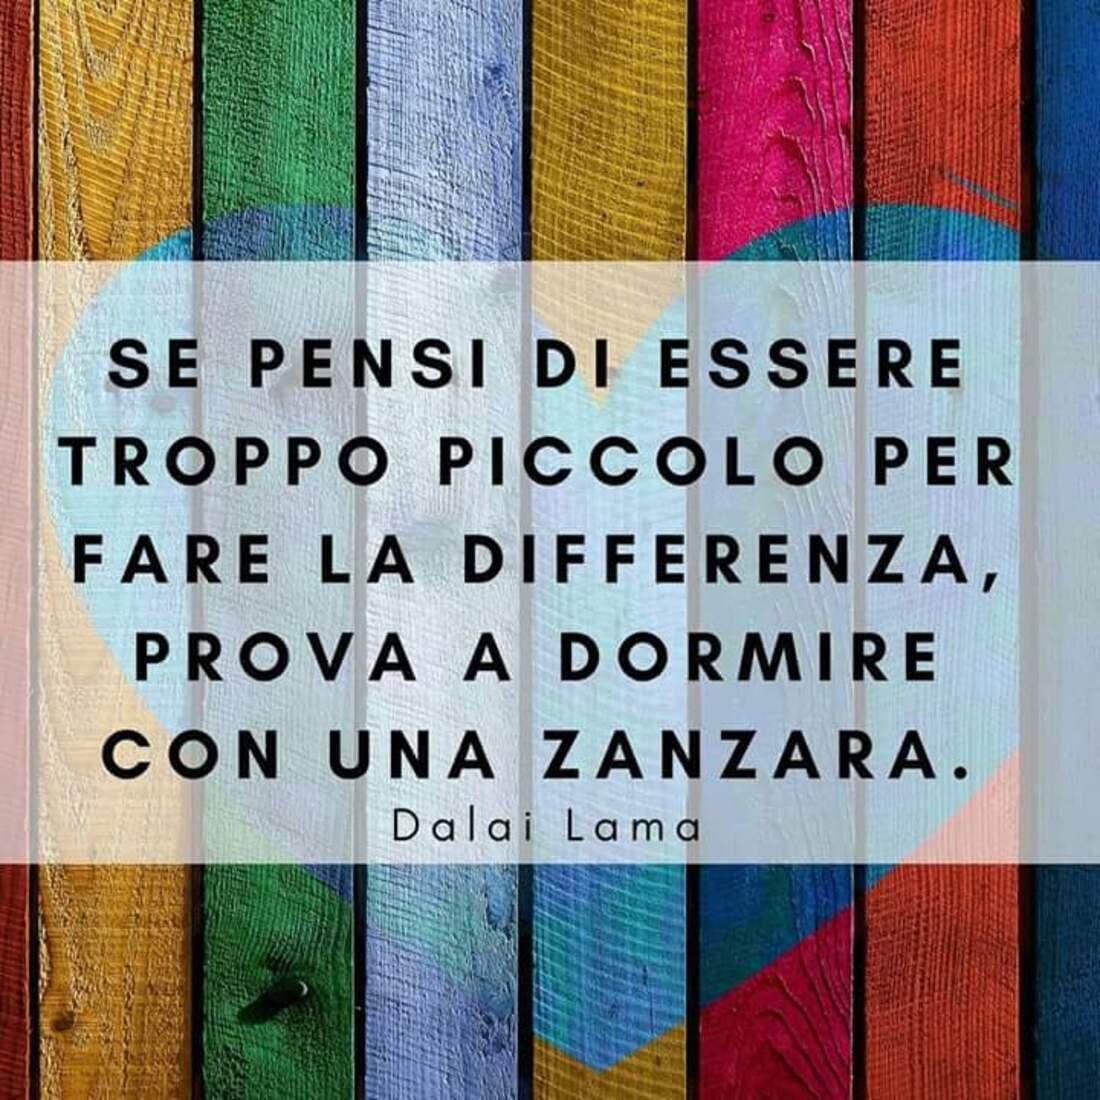 """""""Se pensi di essere troppo piccolo per fare la differenza, prova a dormire con una zanzara."""" - Dalai Lama"""